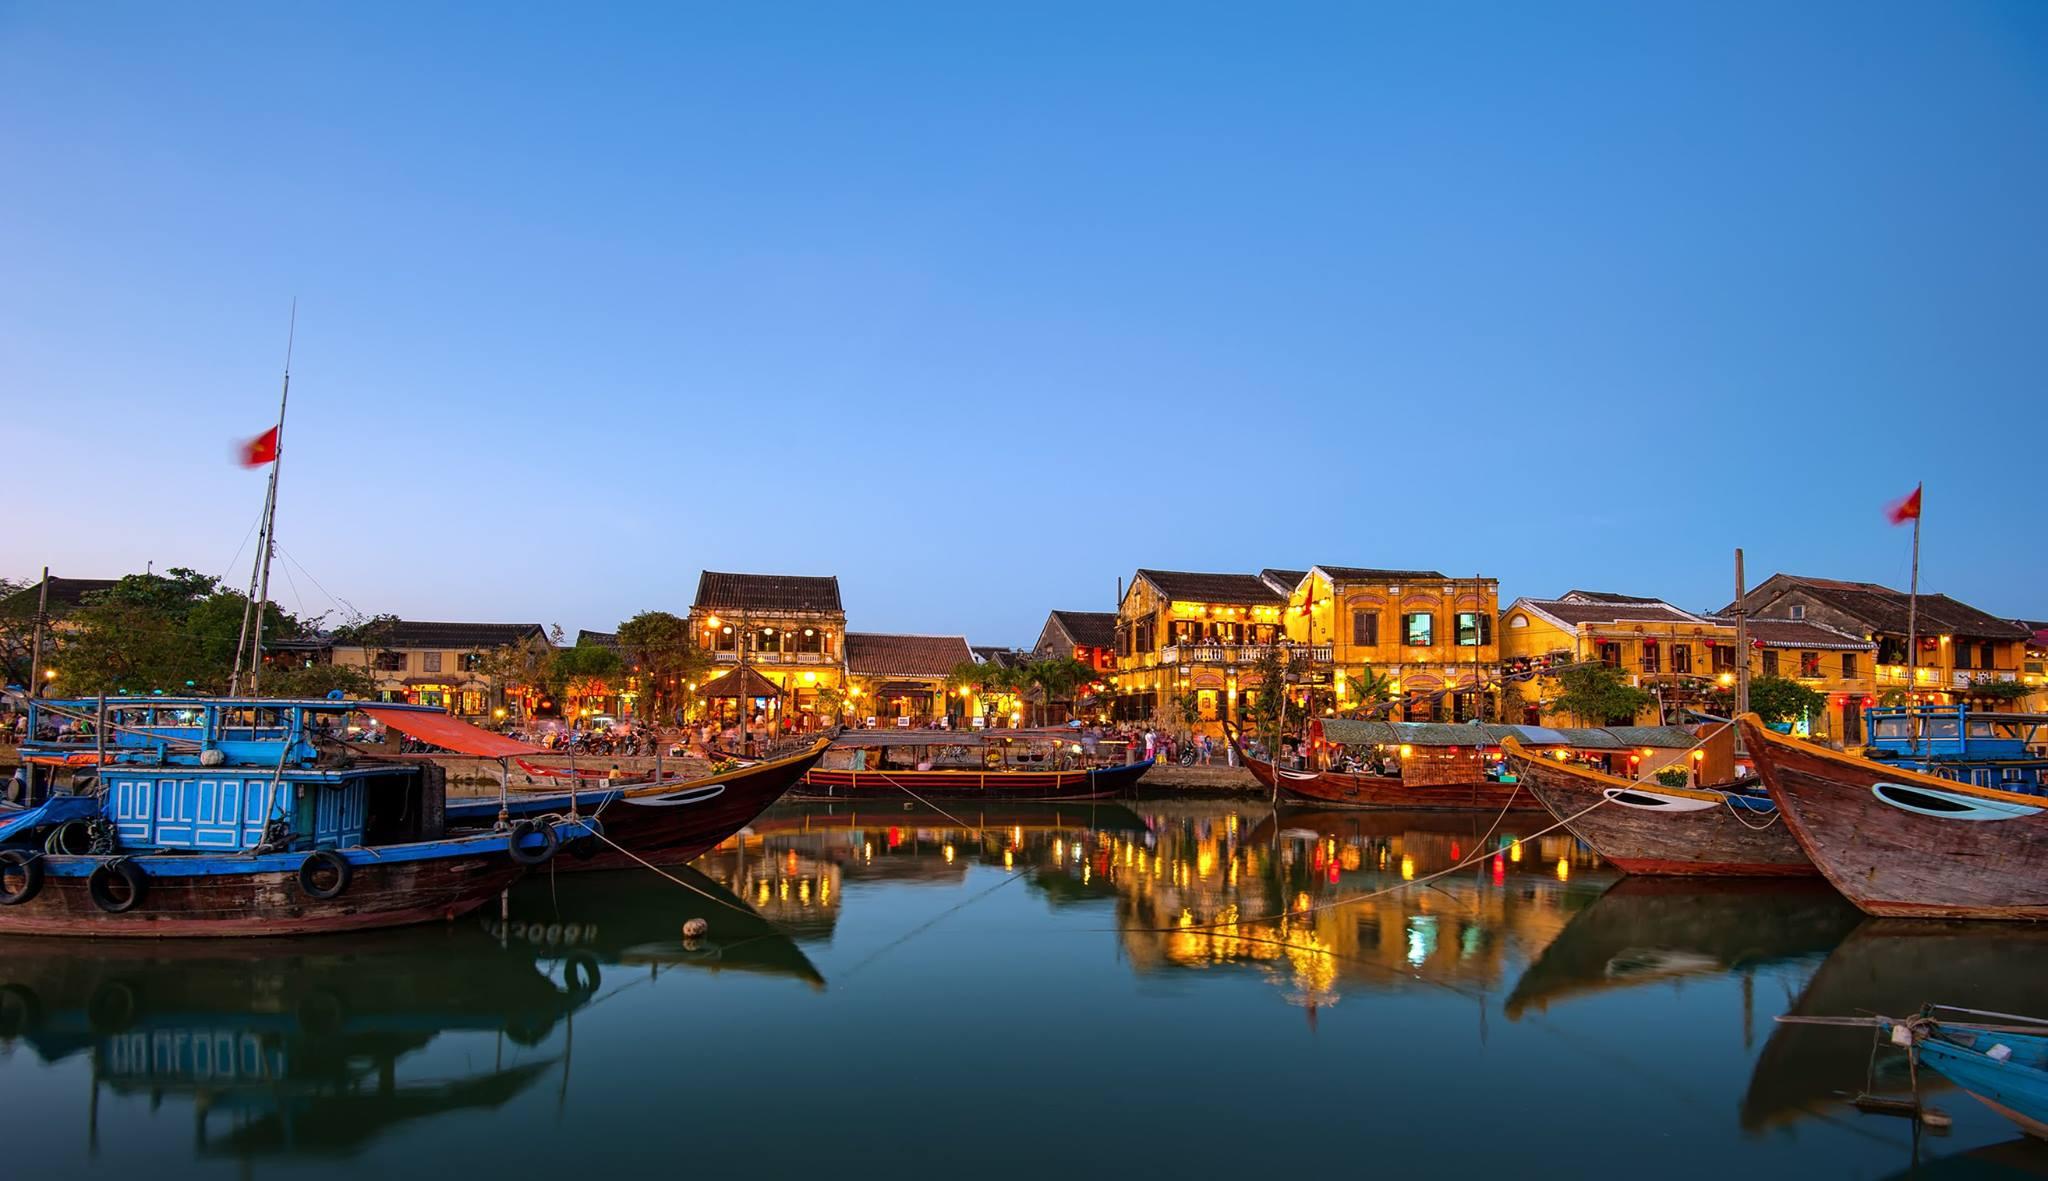 Tour ghép Huế – Động Thiên Đường/Phong Nha – đà nẵng – Hội An 5 ngày